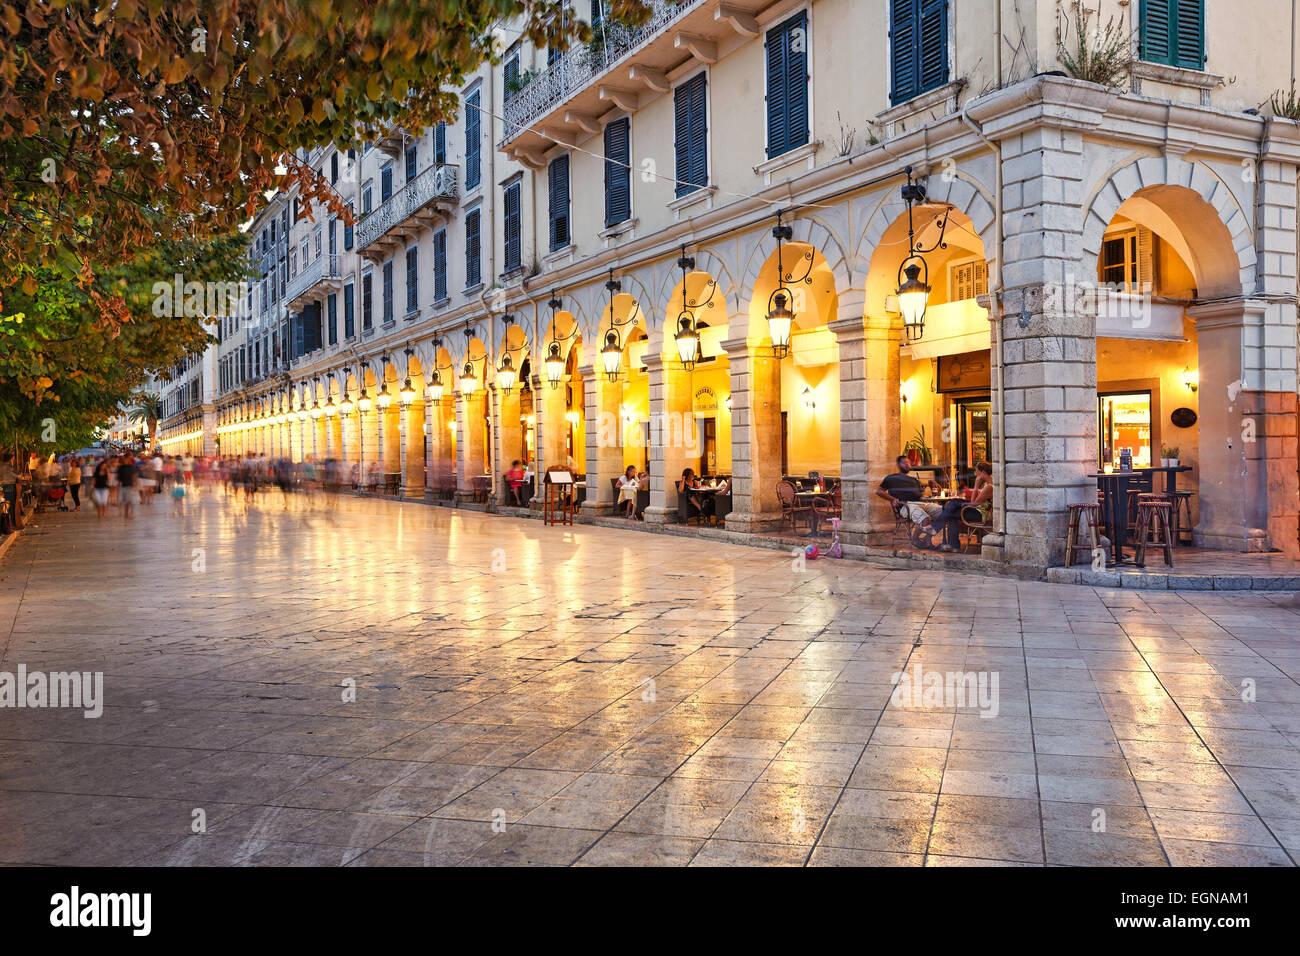 Liston square dans la ville de Corfu, Grèce Photo Stock